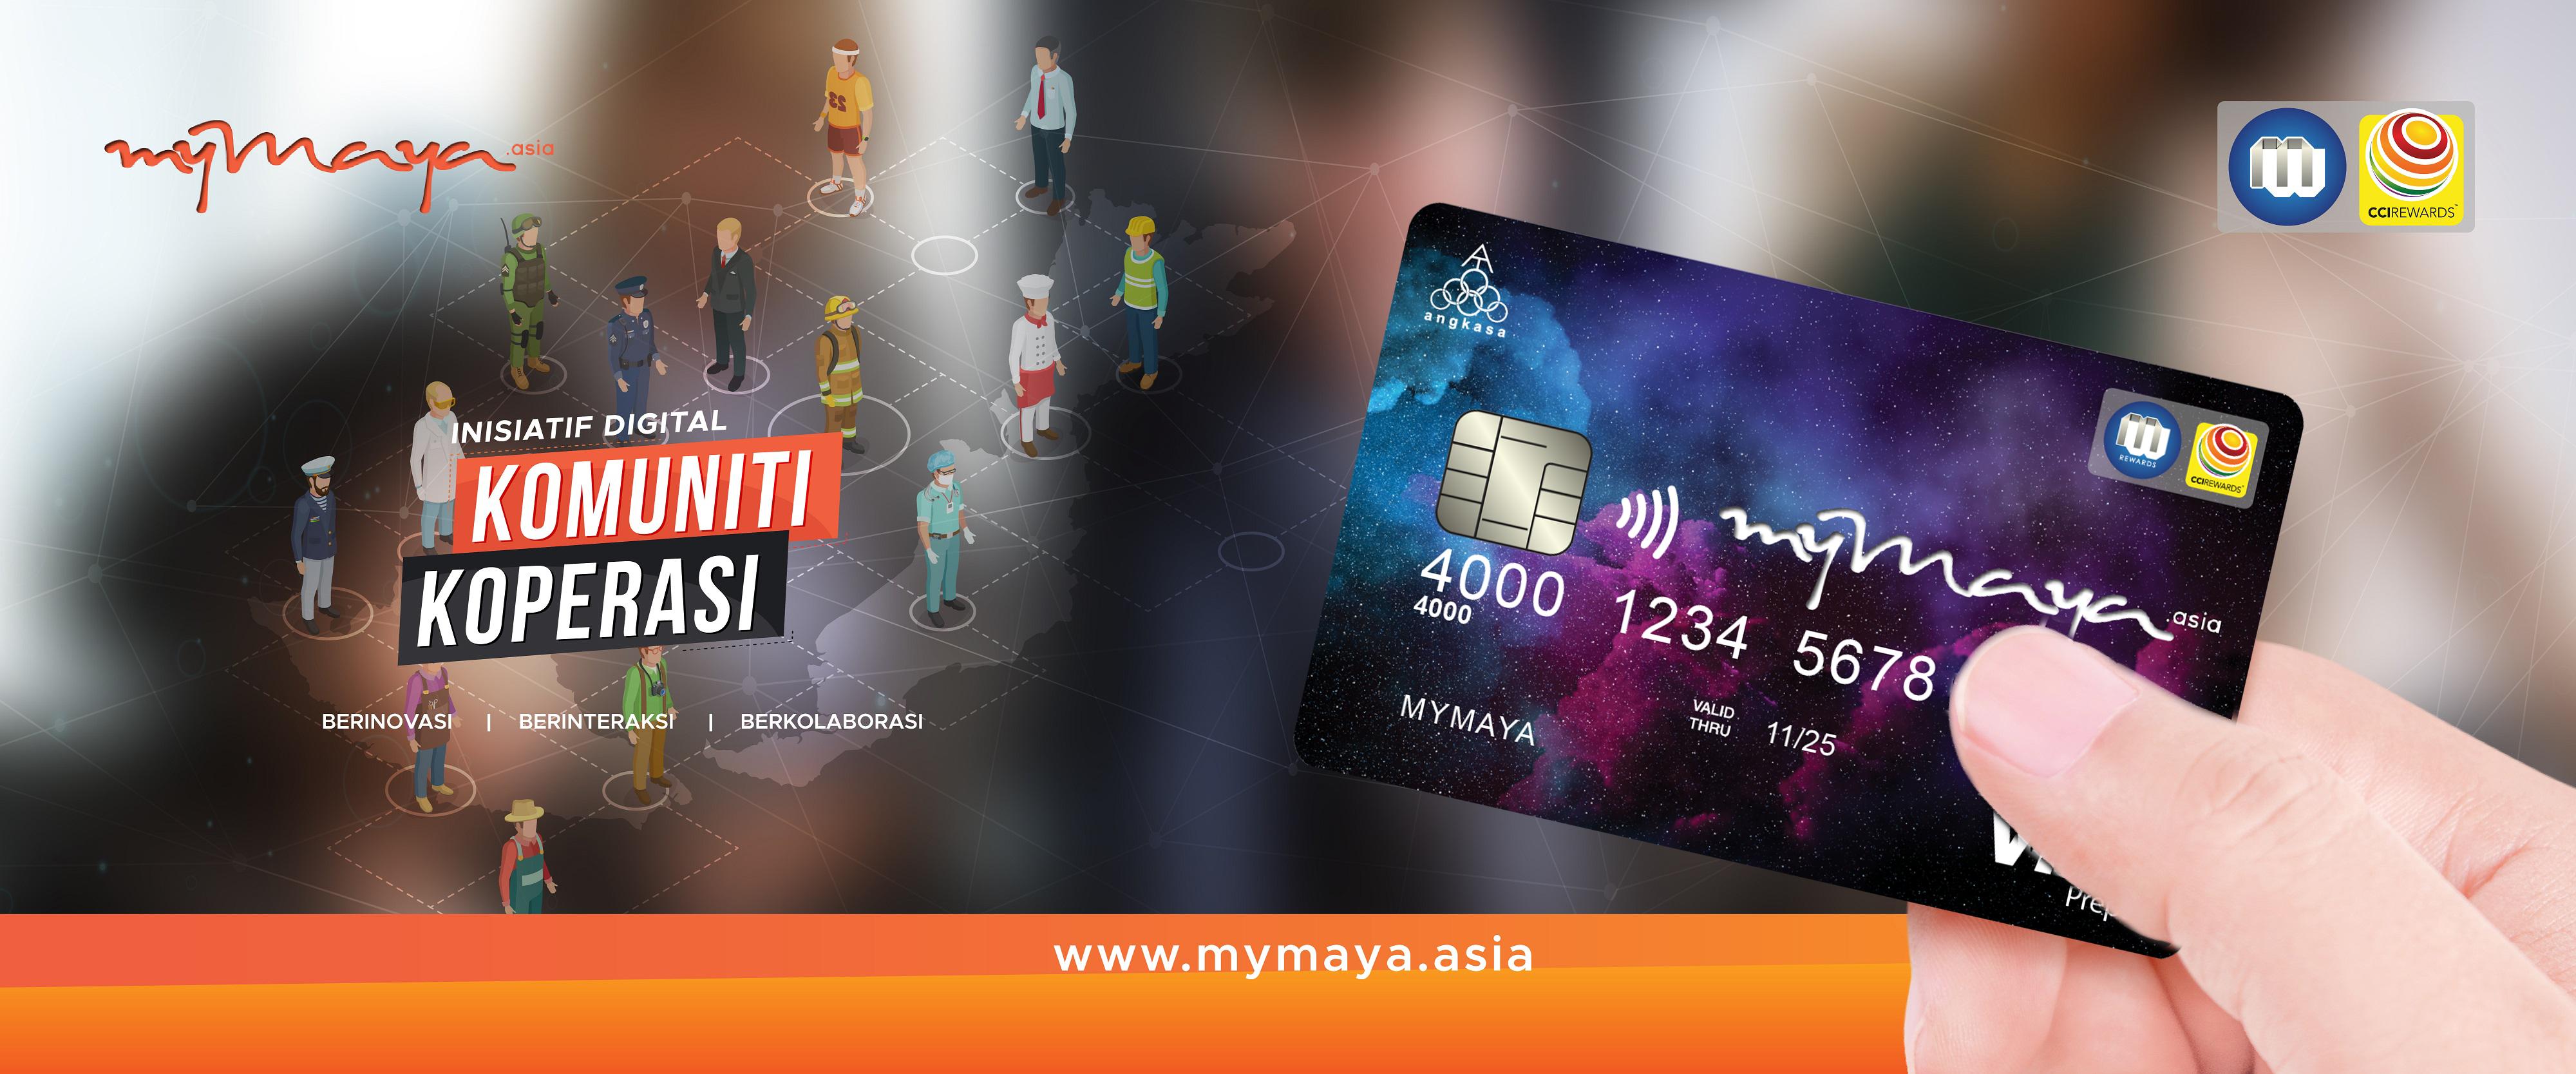 MYMAYA vr2 4000px x 1667px 20210412